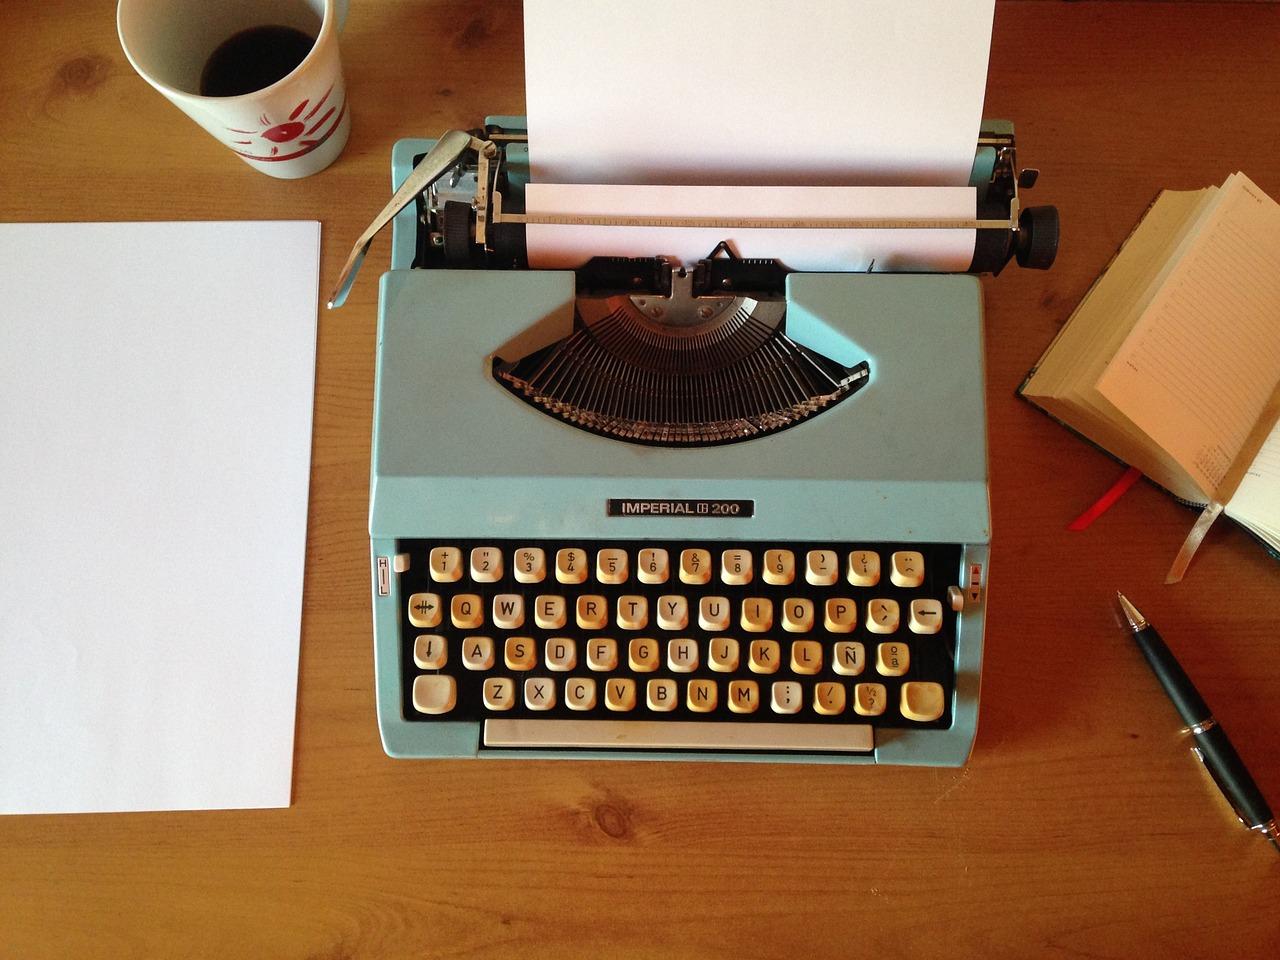 machine-writing-1035292_1280.jpg